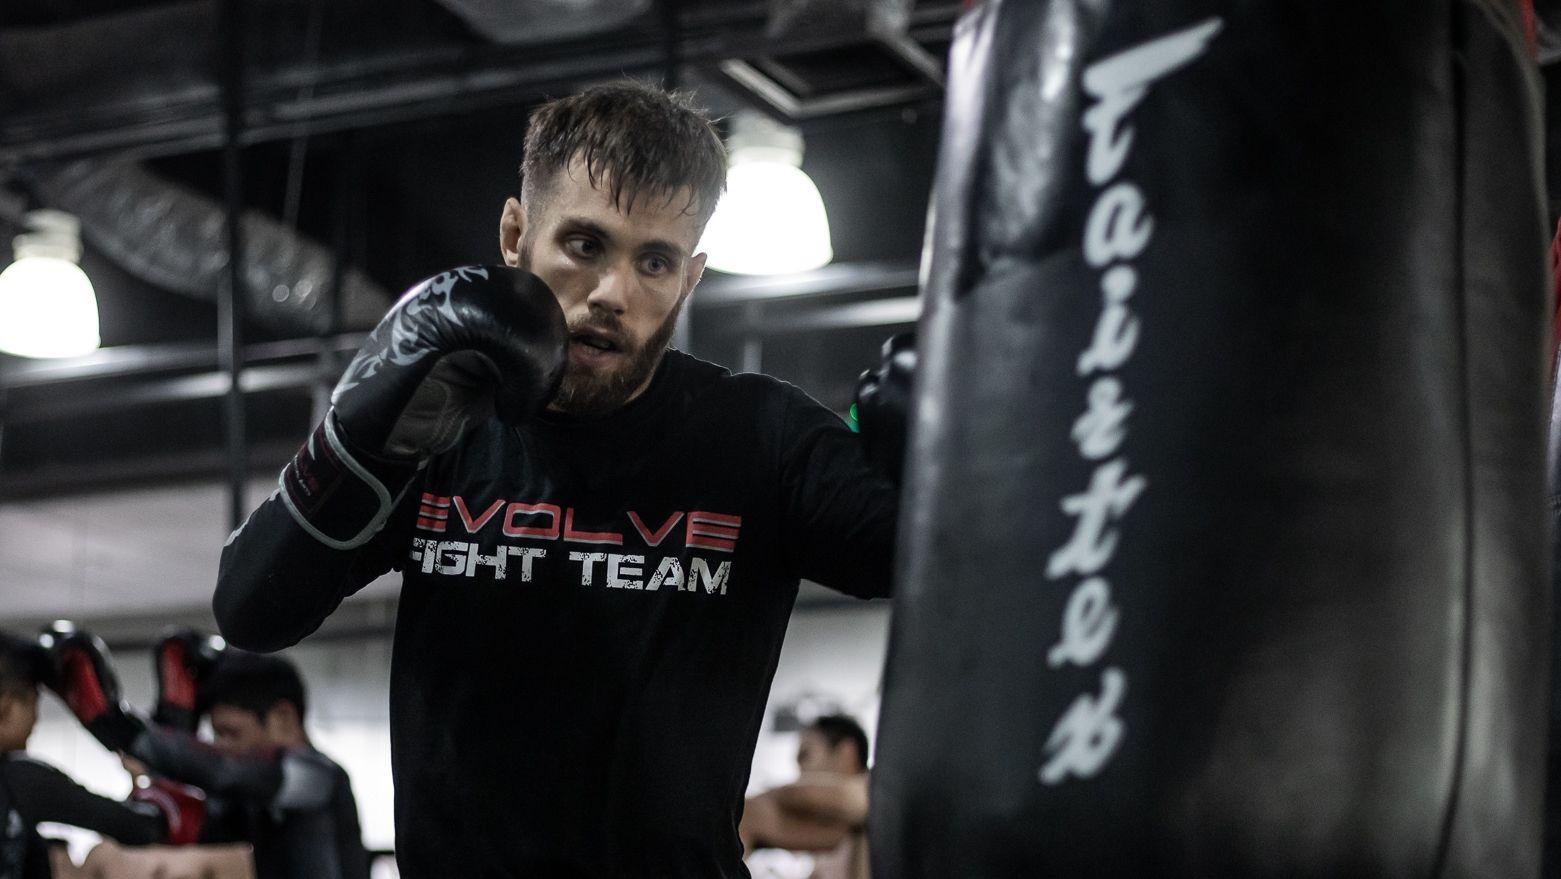 Aleksi-Toivonen-Boxing-Heavy-Bag